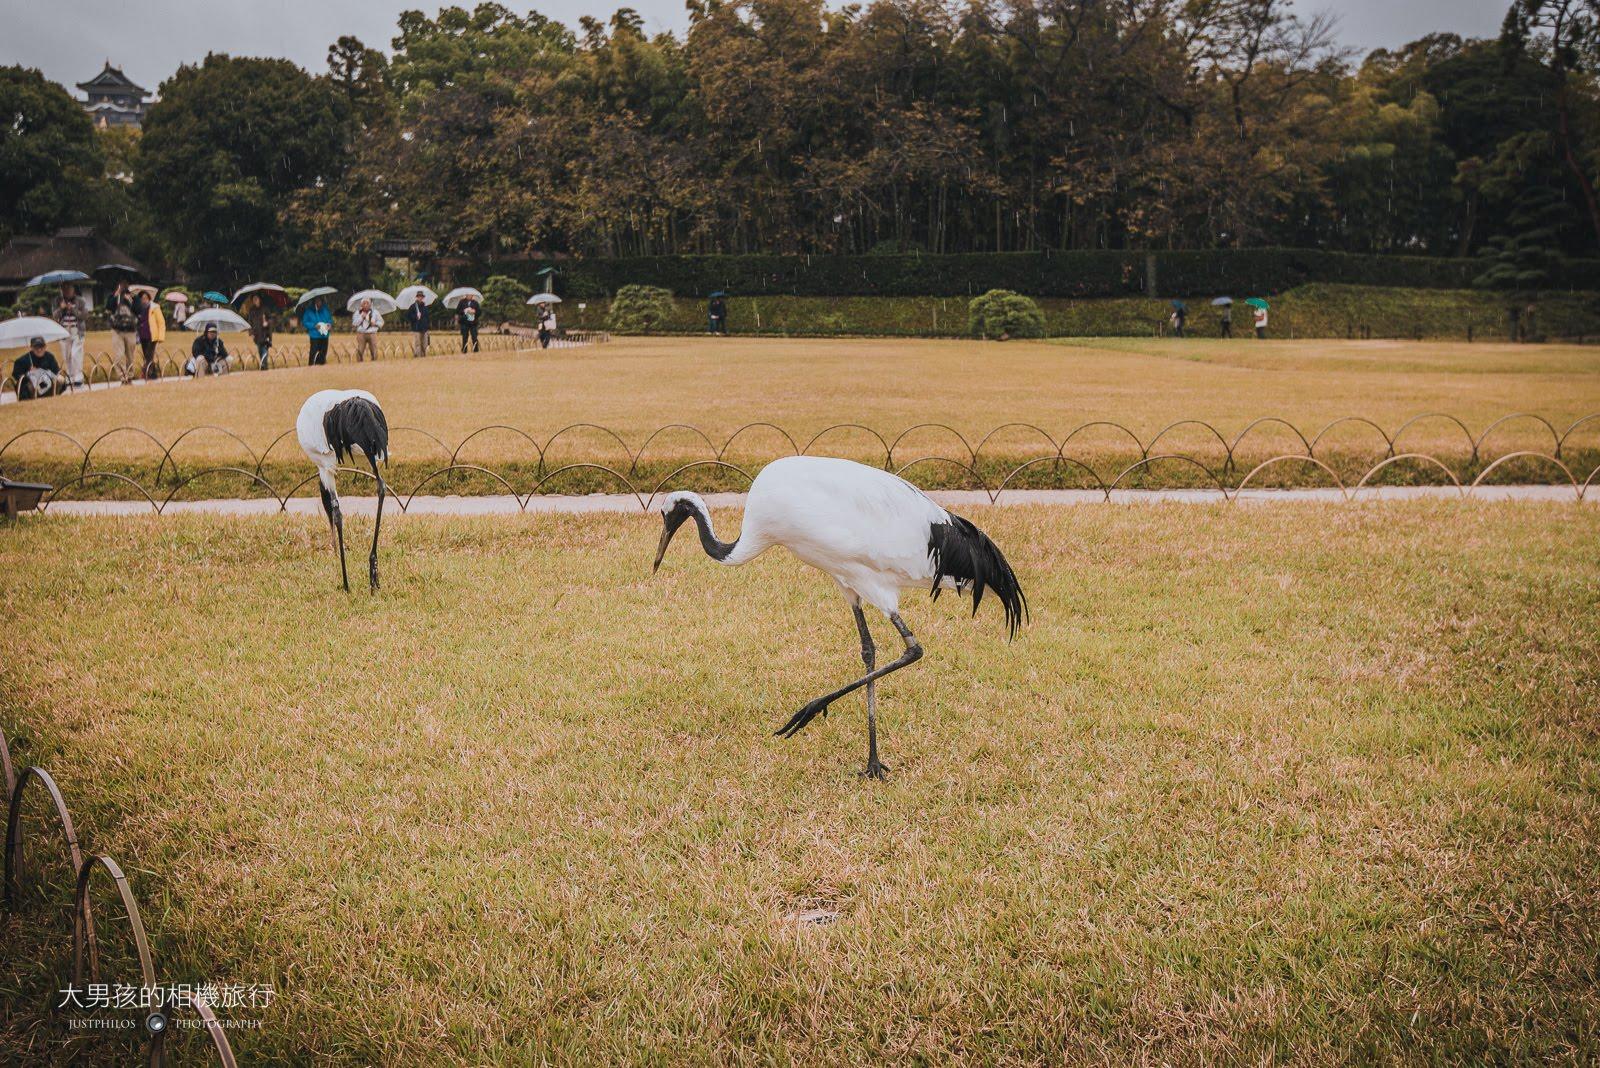 剛好看到出來放風散步的白鶴們。